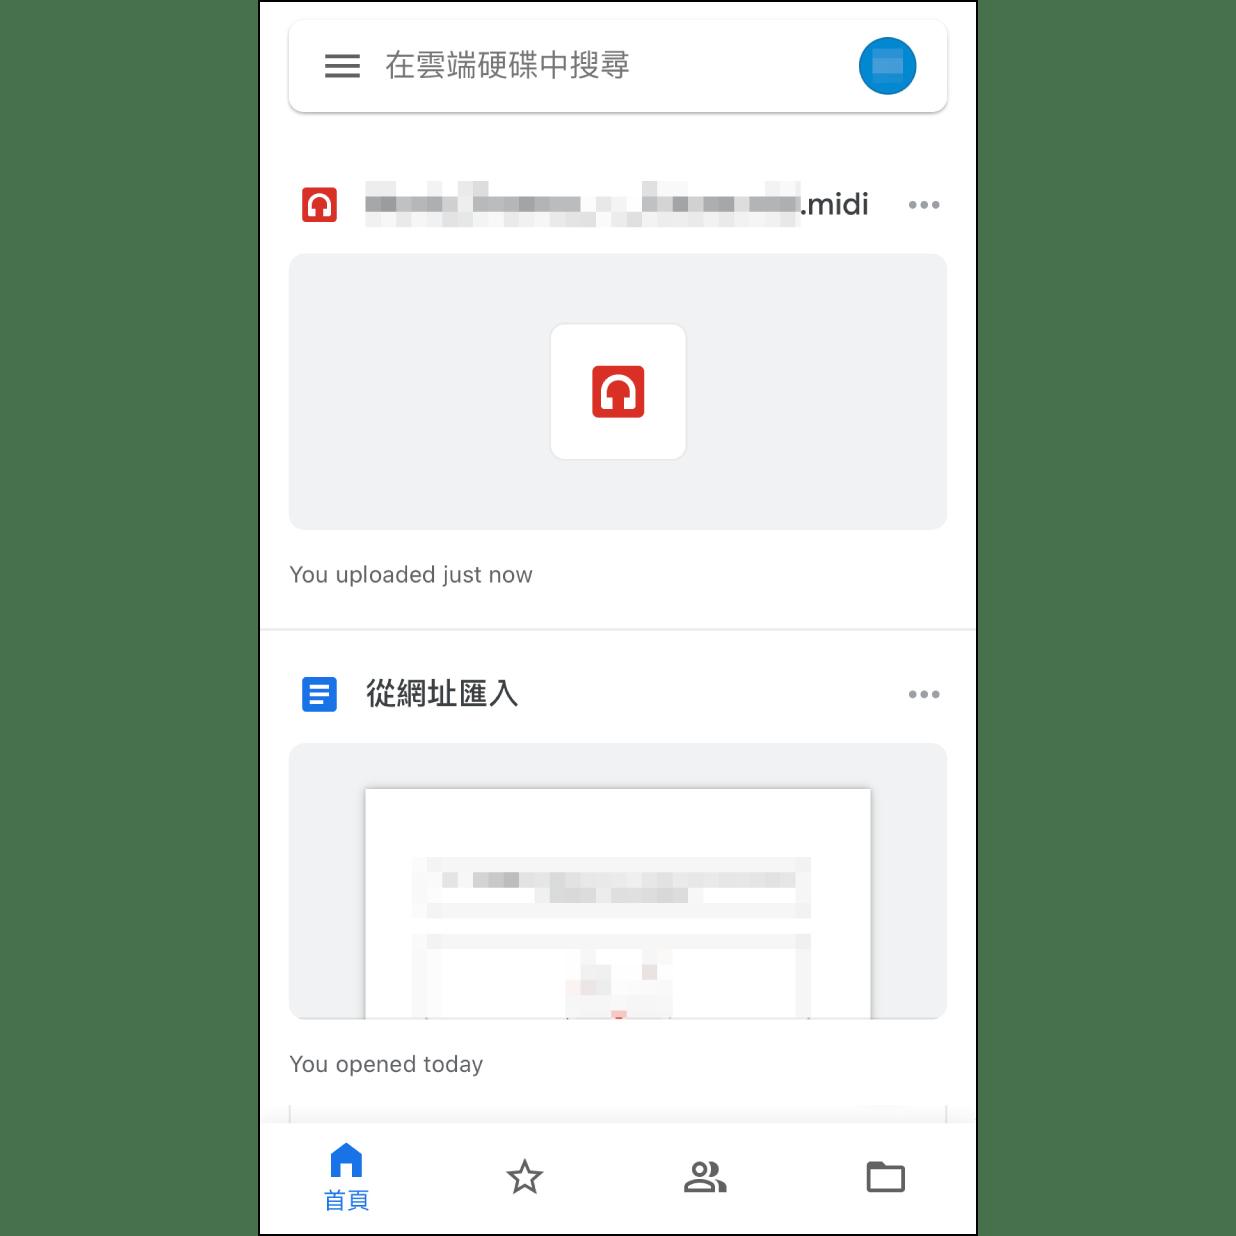 1. 進入 Google Drive進入 Google Drive app 或網頁並找到儲存的 MIDI檔。